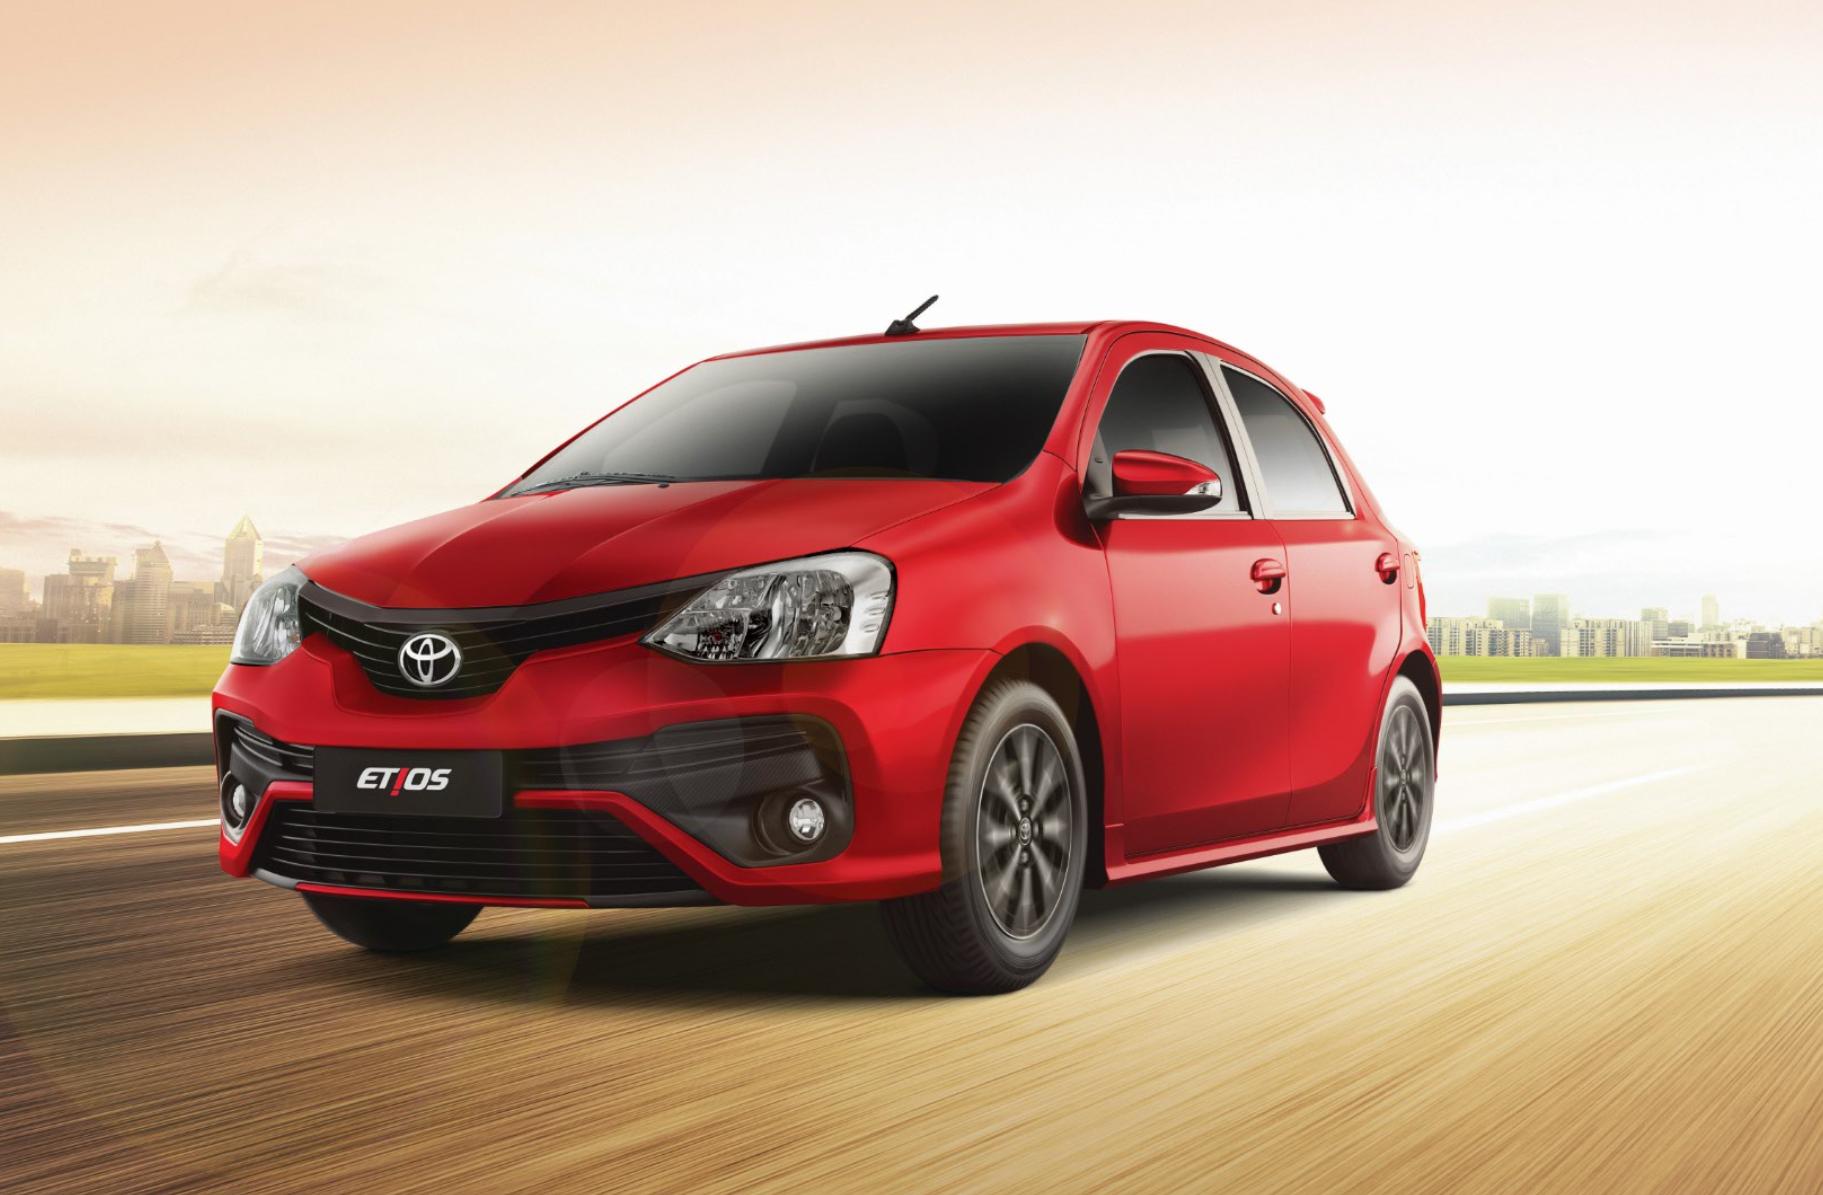 Toyota Etios, para acceder por plan de ahorro.